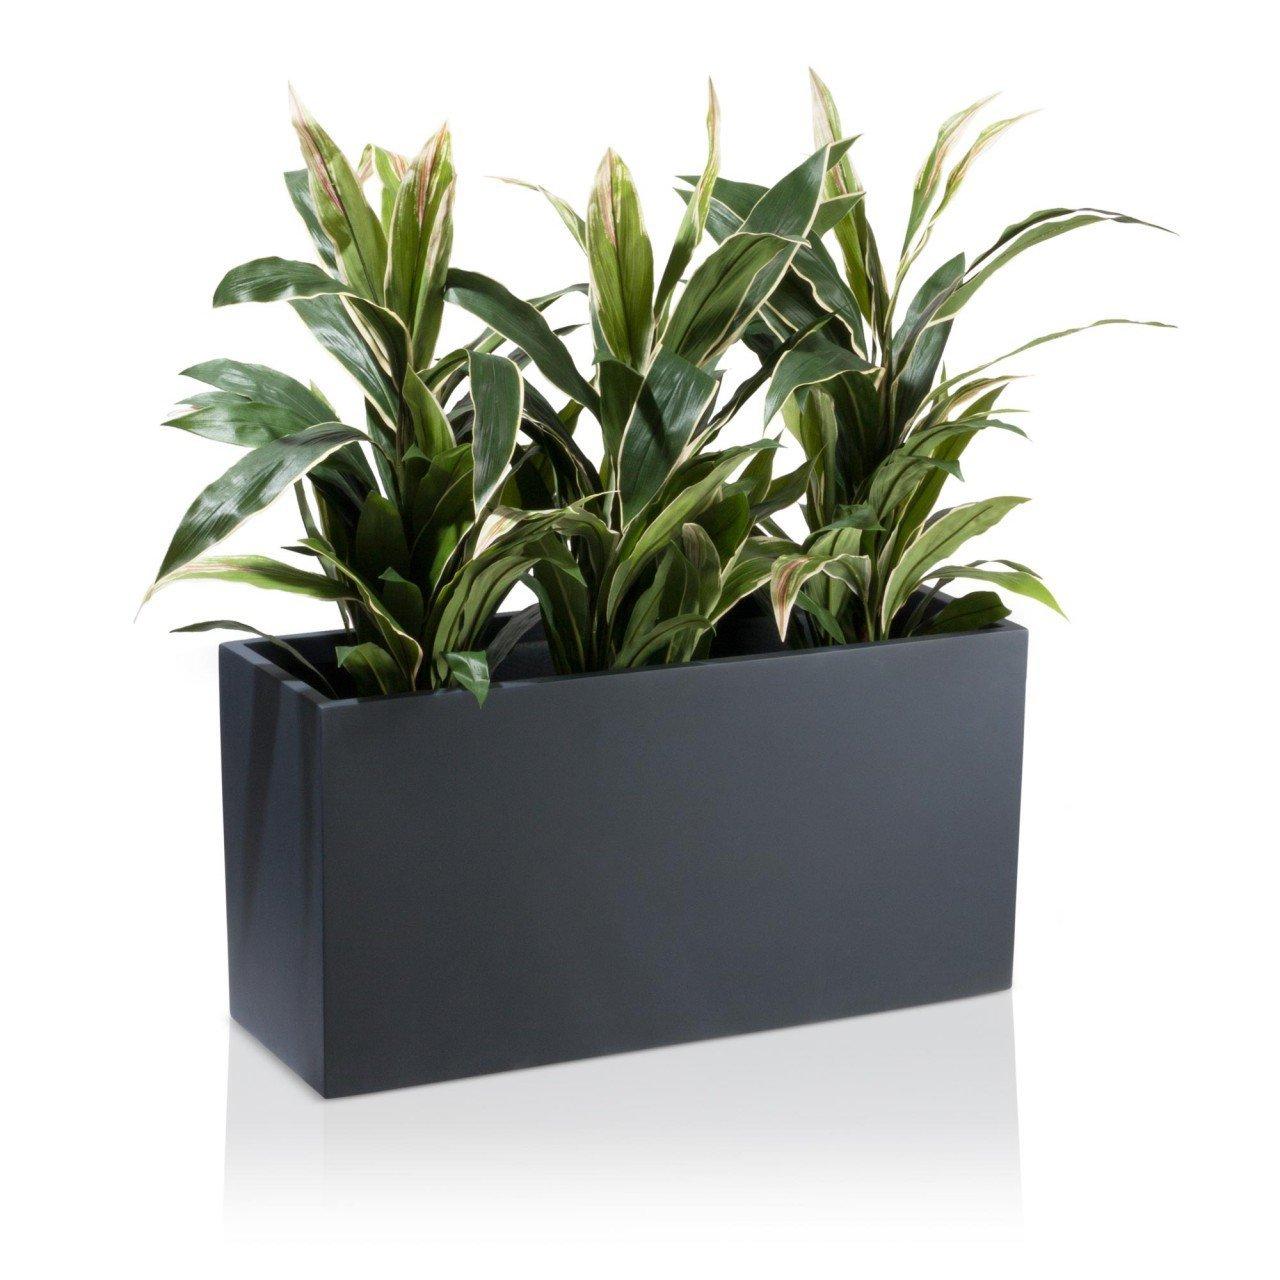 Pflanzenkübel für innen oder aussen